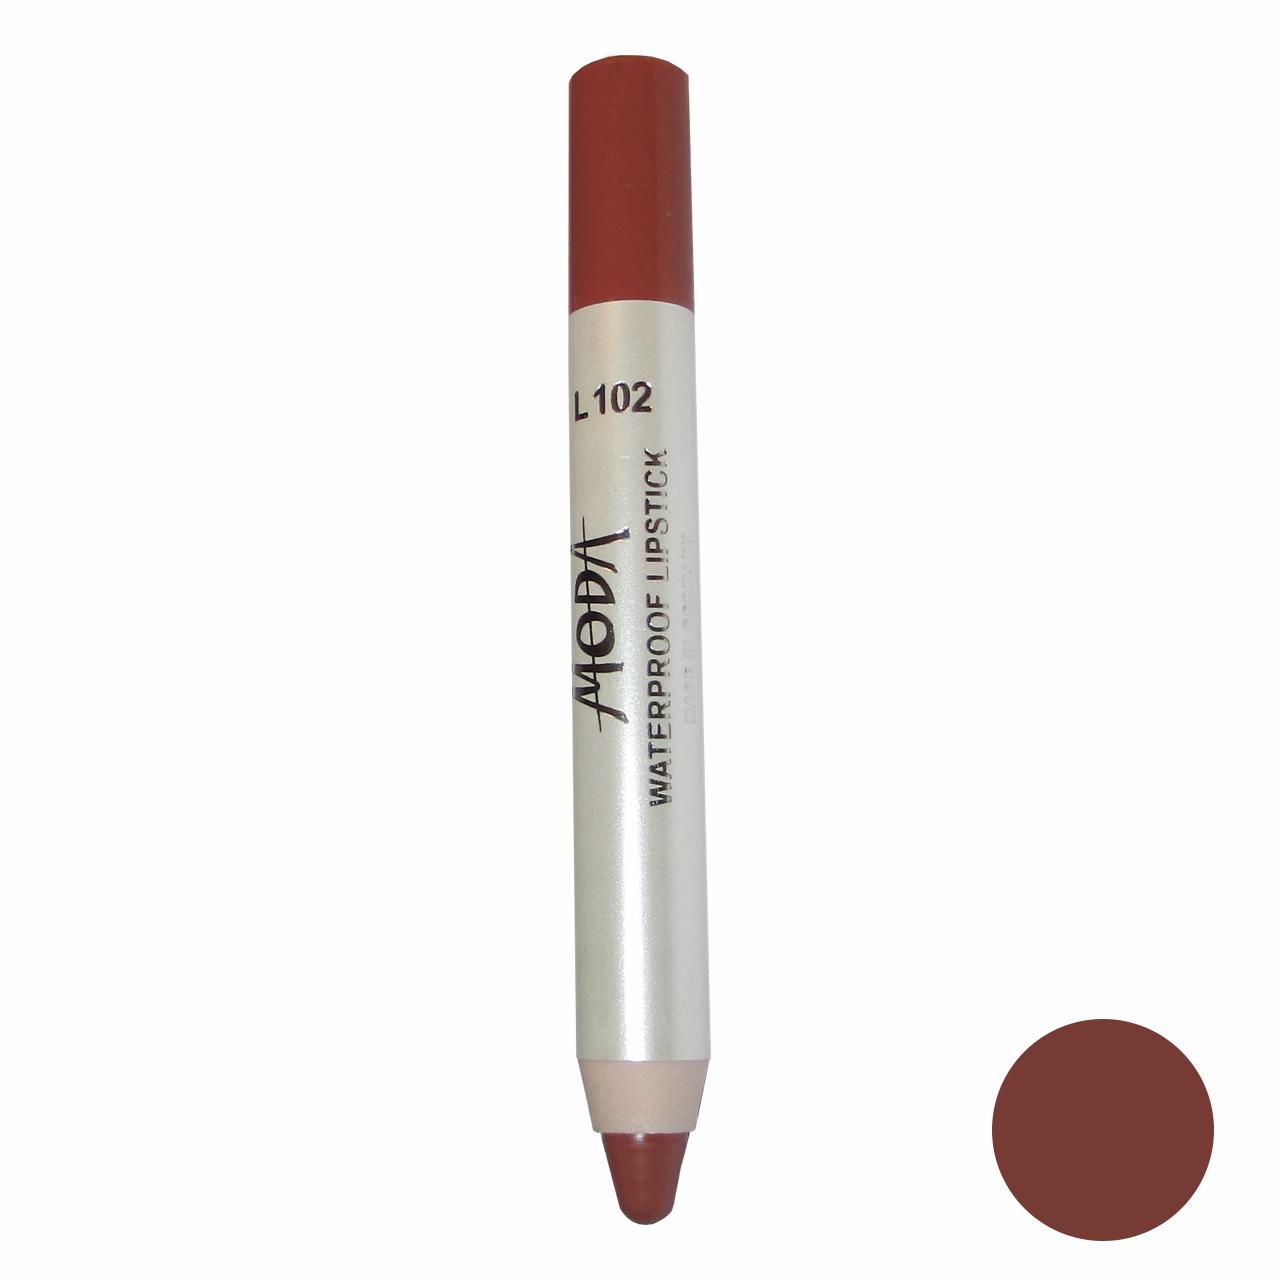 رژلب مدادی مودا مدل waterproof lipstick شماره L102